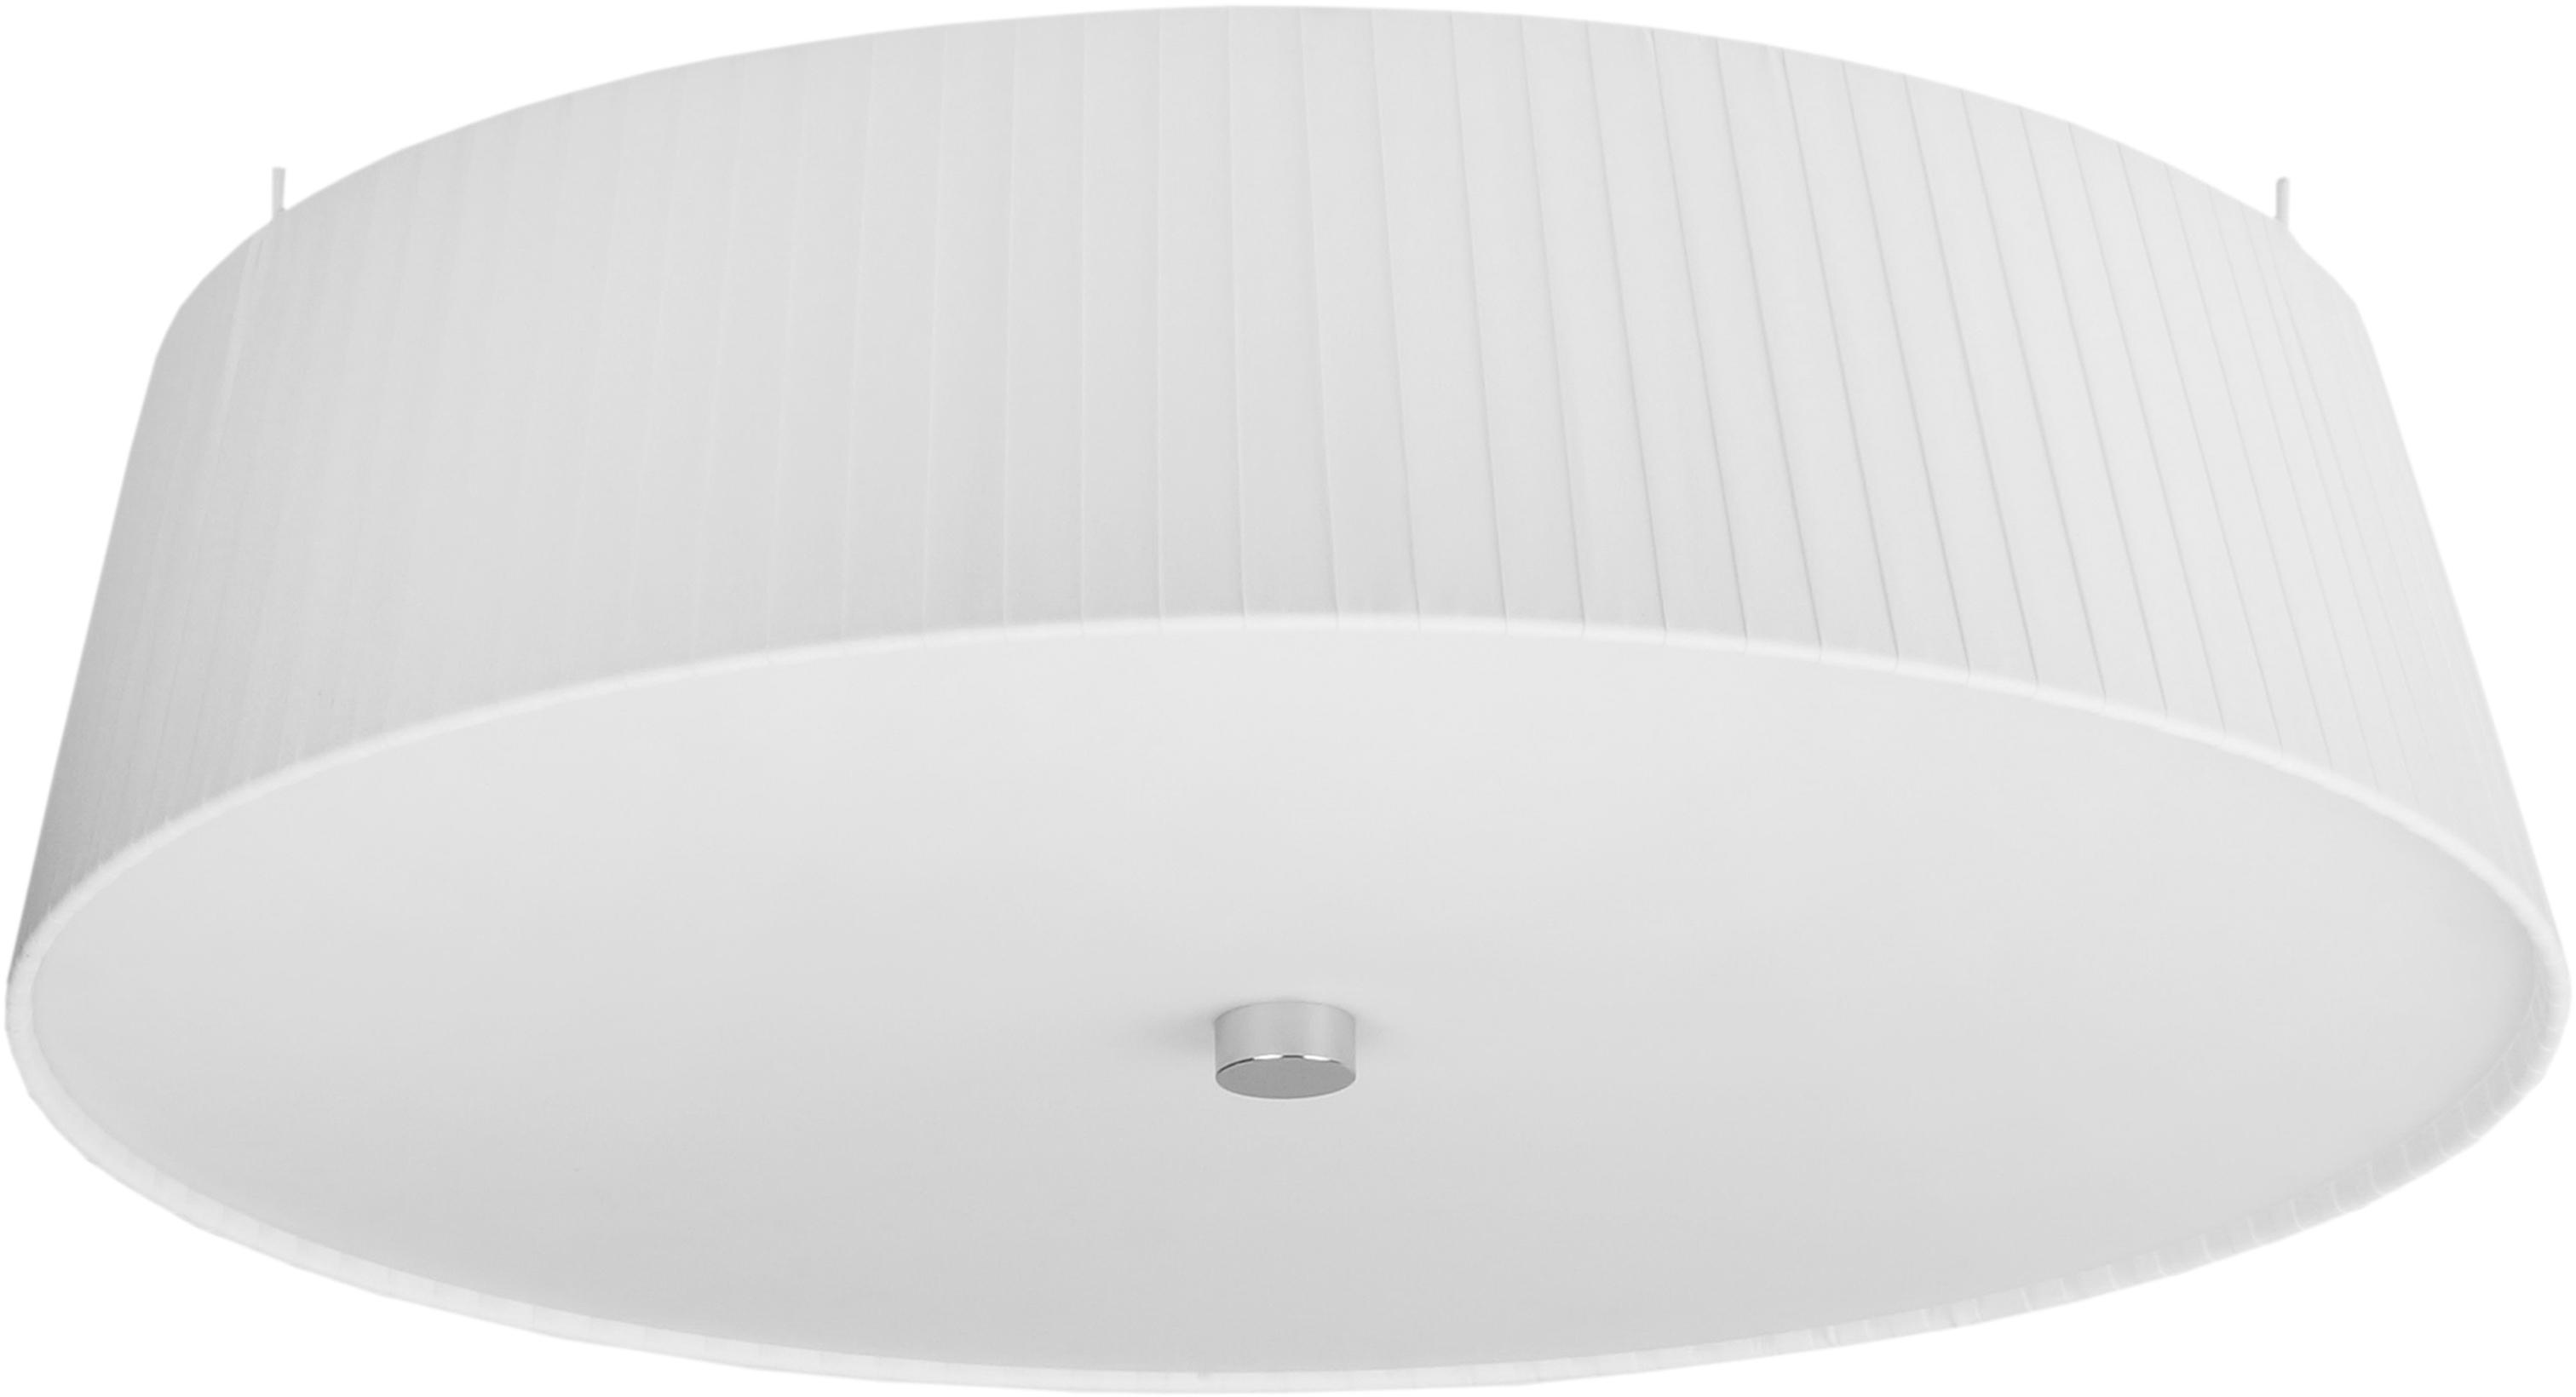 Deckenleuchte Kami, Lampenschirm: Polyester, Lampenschirm: Weiss Diffusor: Weiss, Ø 45 x H 12 cm